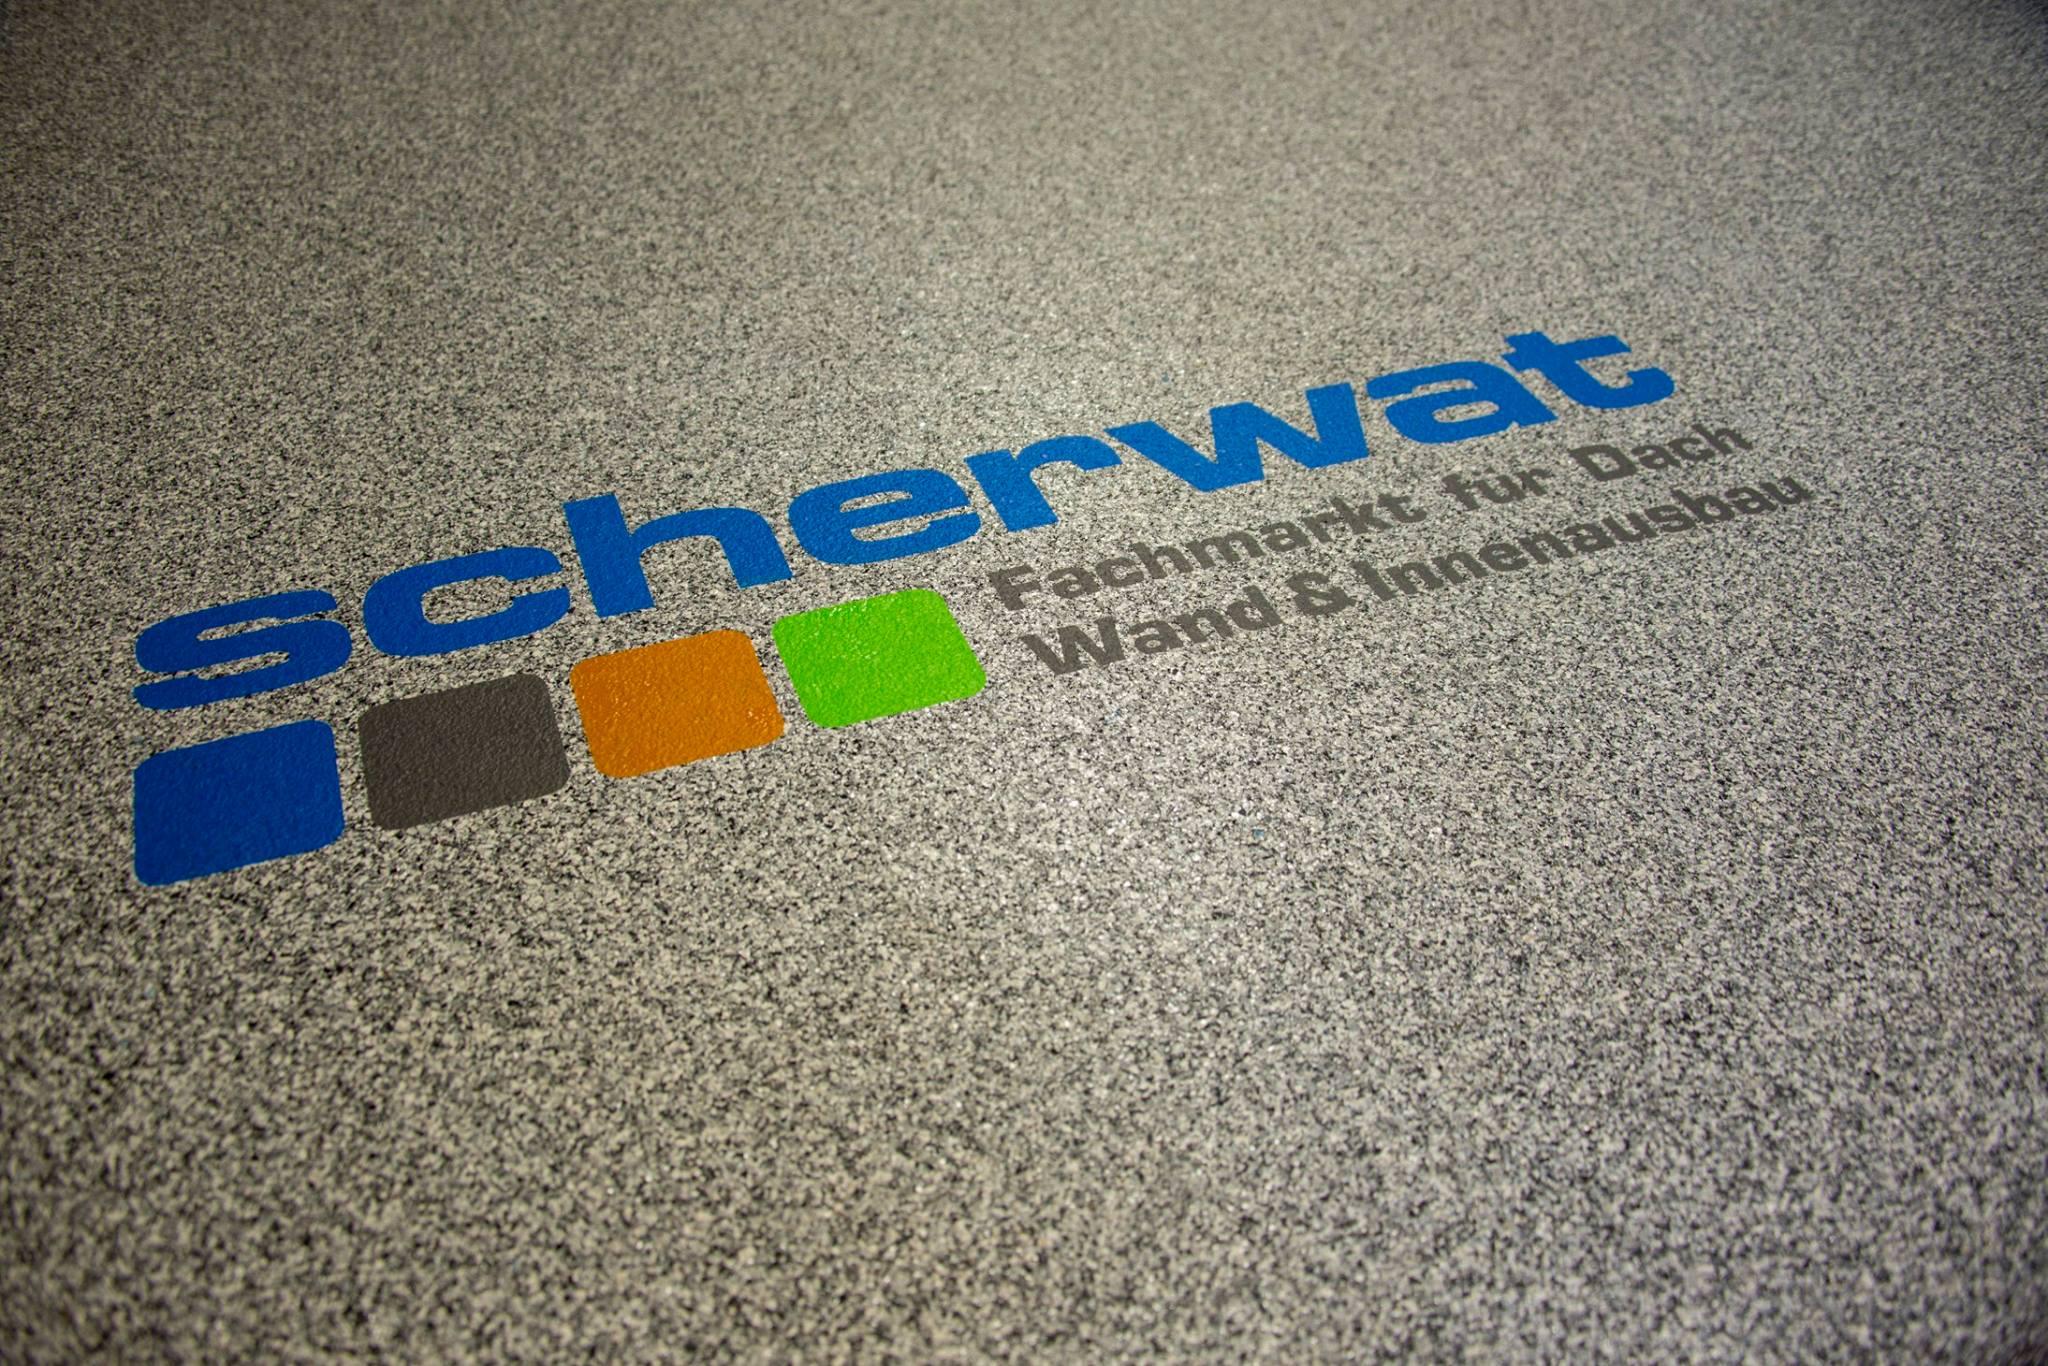 Enke Fußbodenbeschichtung und Firmenlogo Scherwat